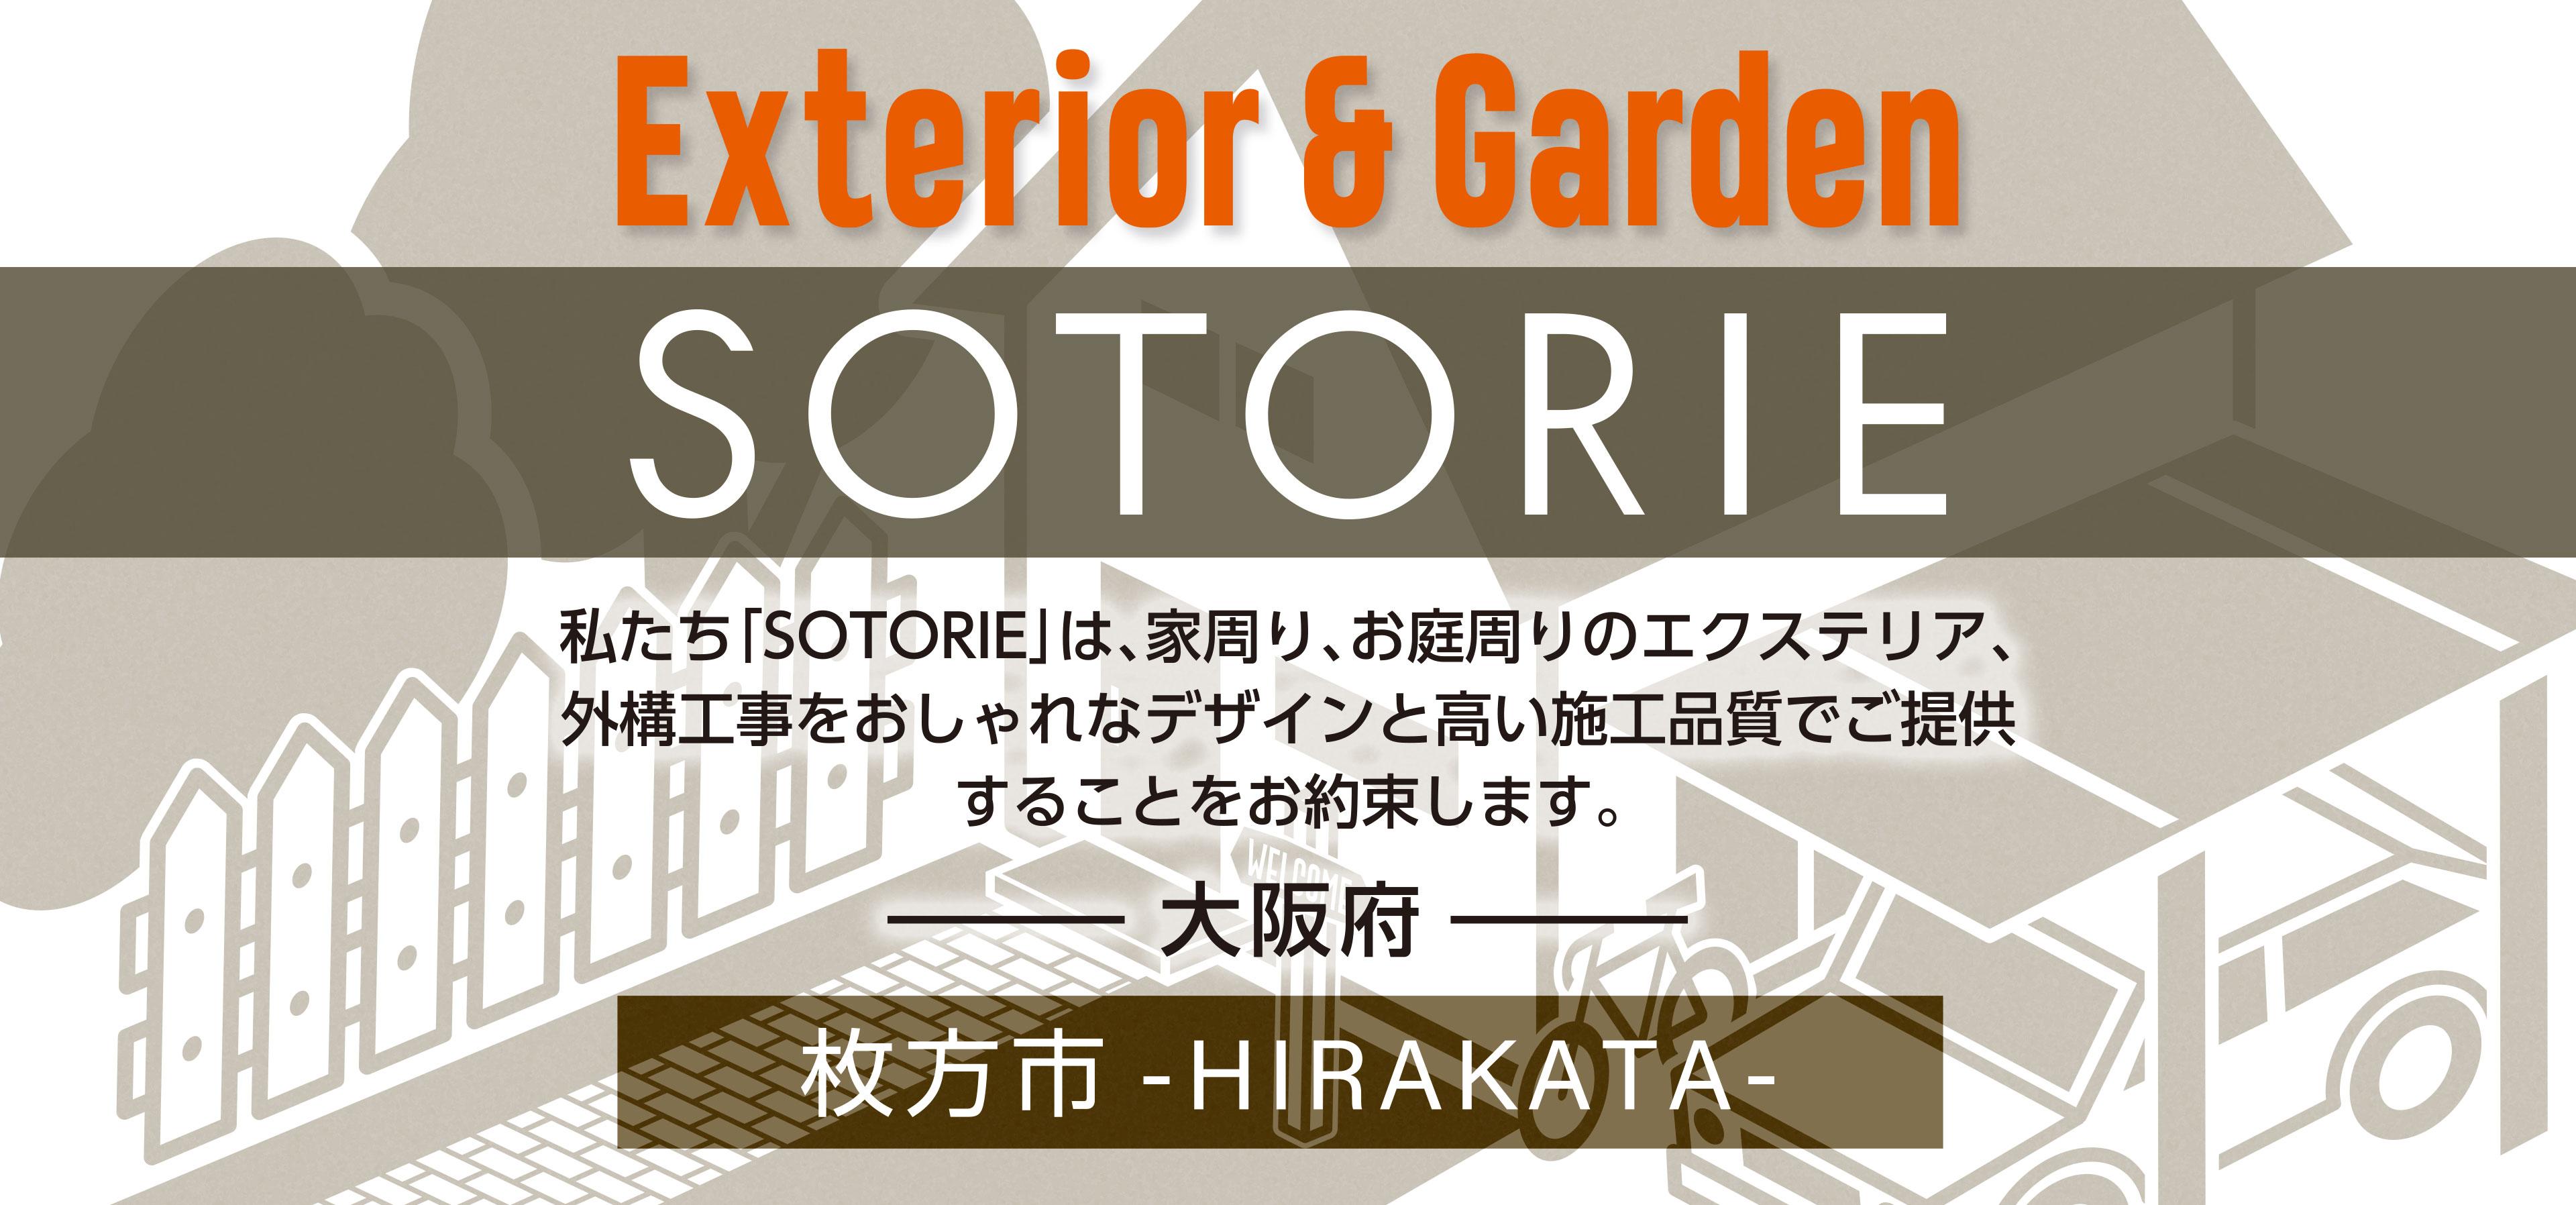 ソトリエ枚方市では、家周りと庭周りの外構、エクステリア工事をおしゃれなデザインと高い施工品質でご提供することをお約束します。